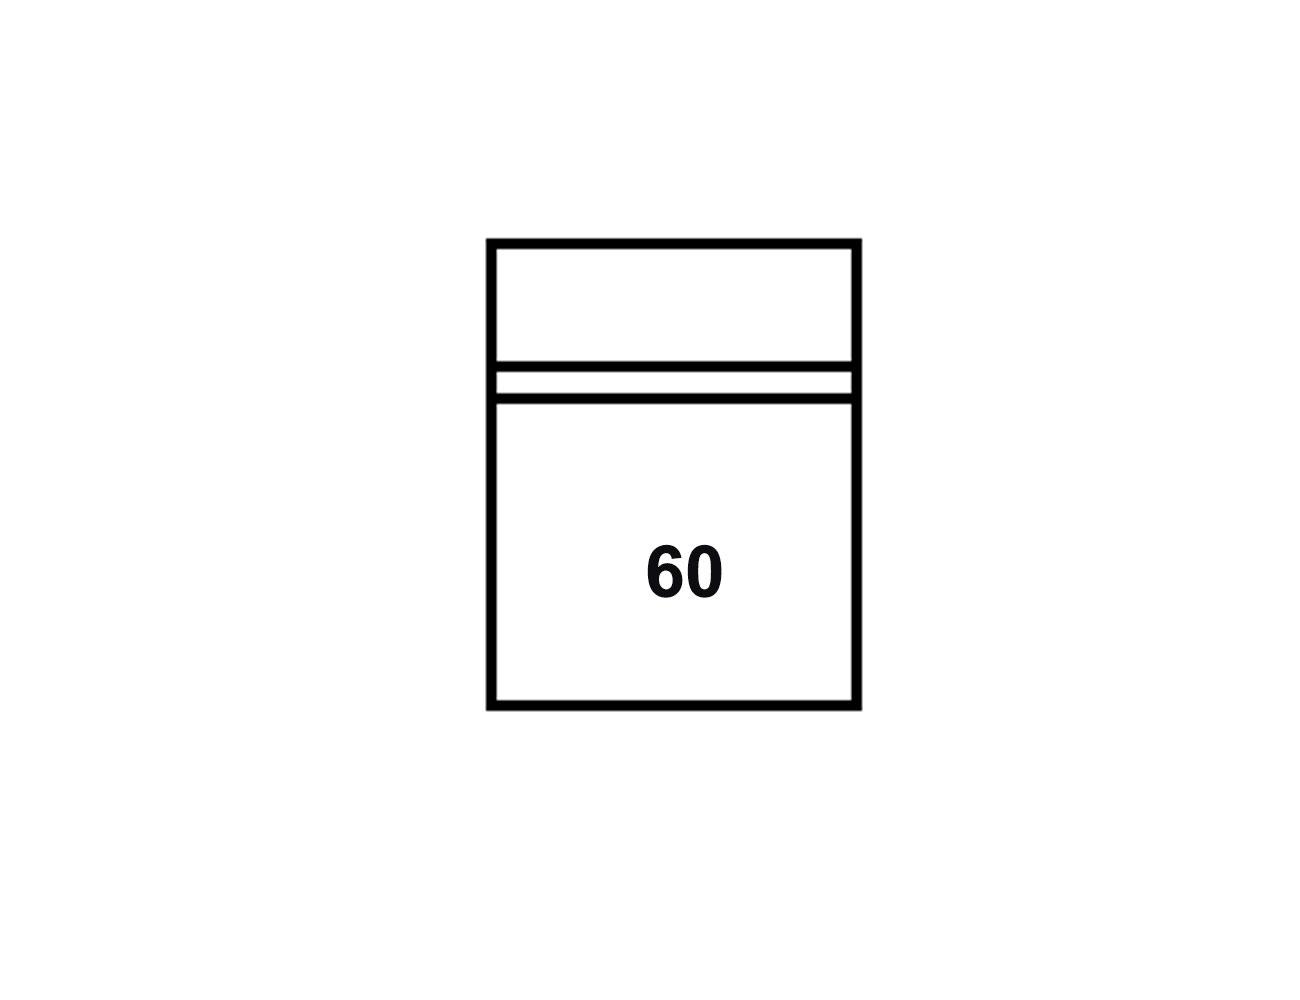 Modulo 1p 608